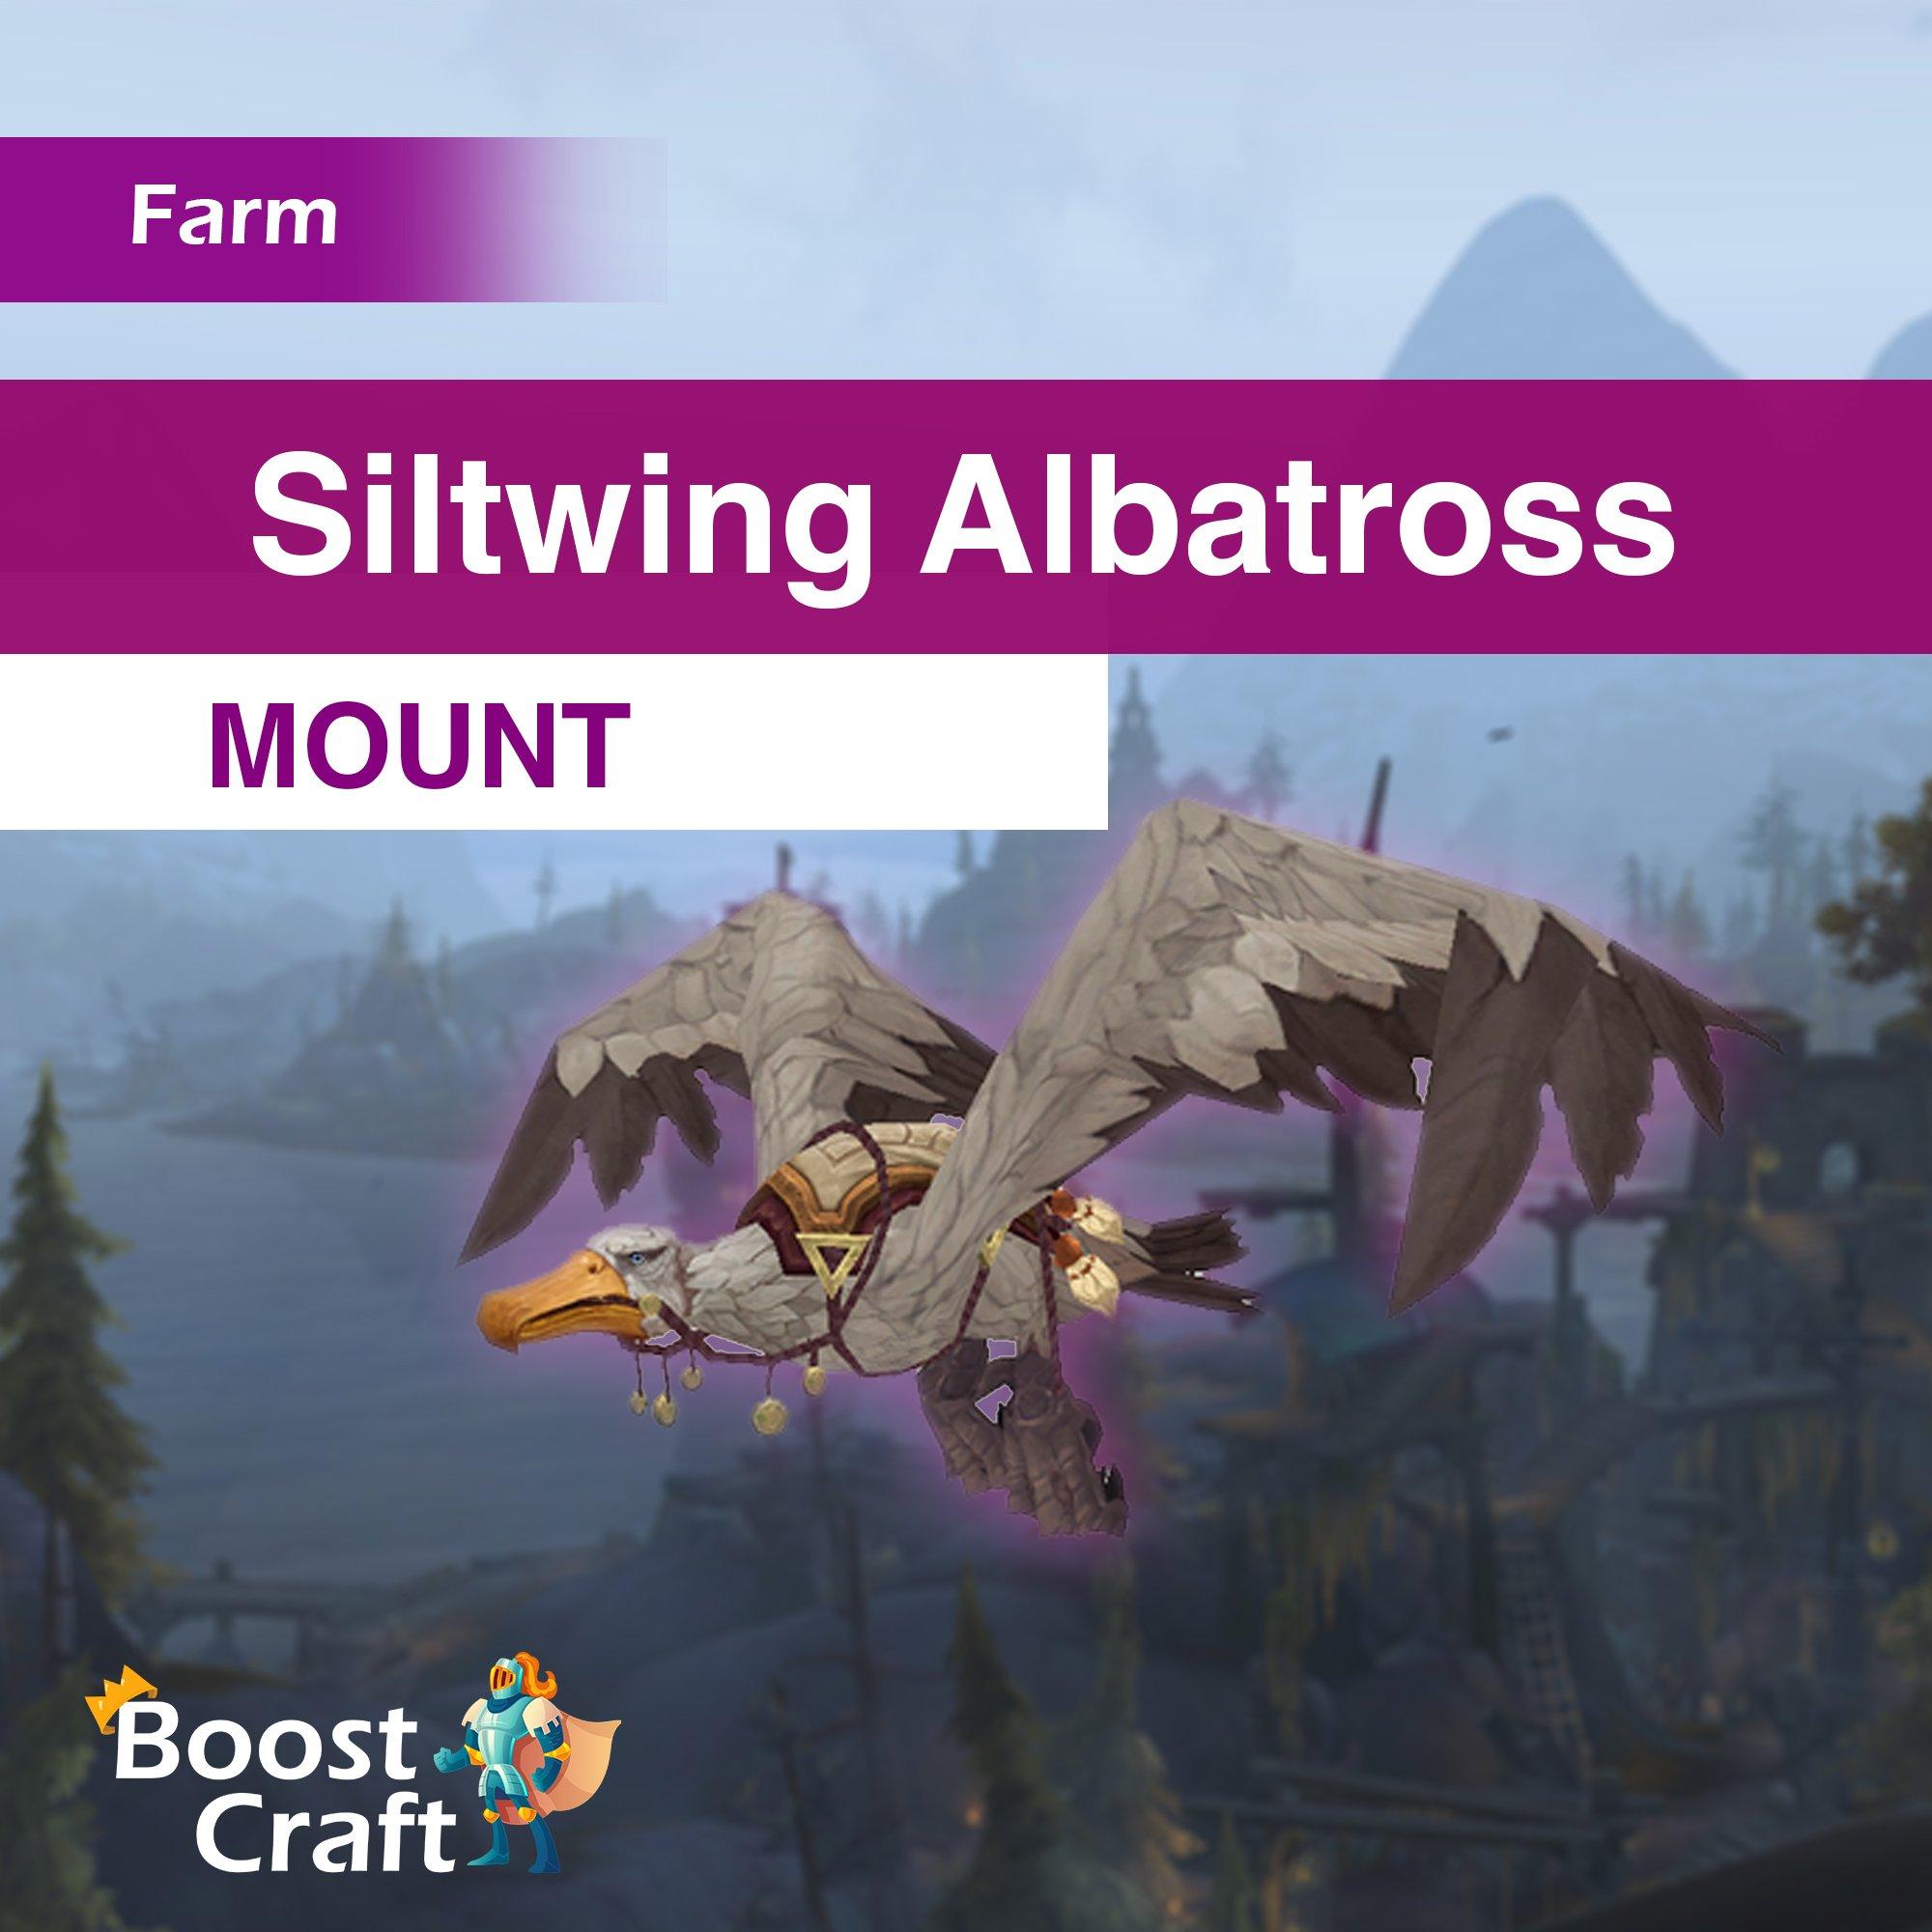 Siltwing Albatross Mount – Farm Service